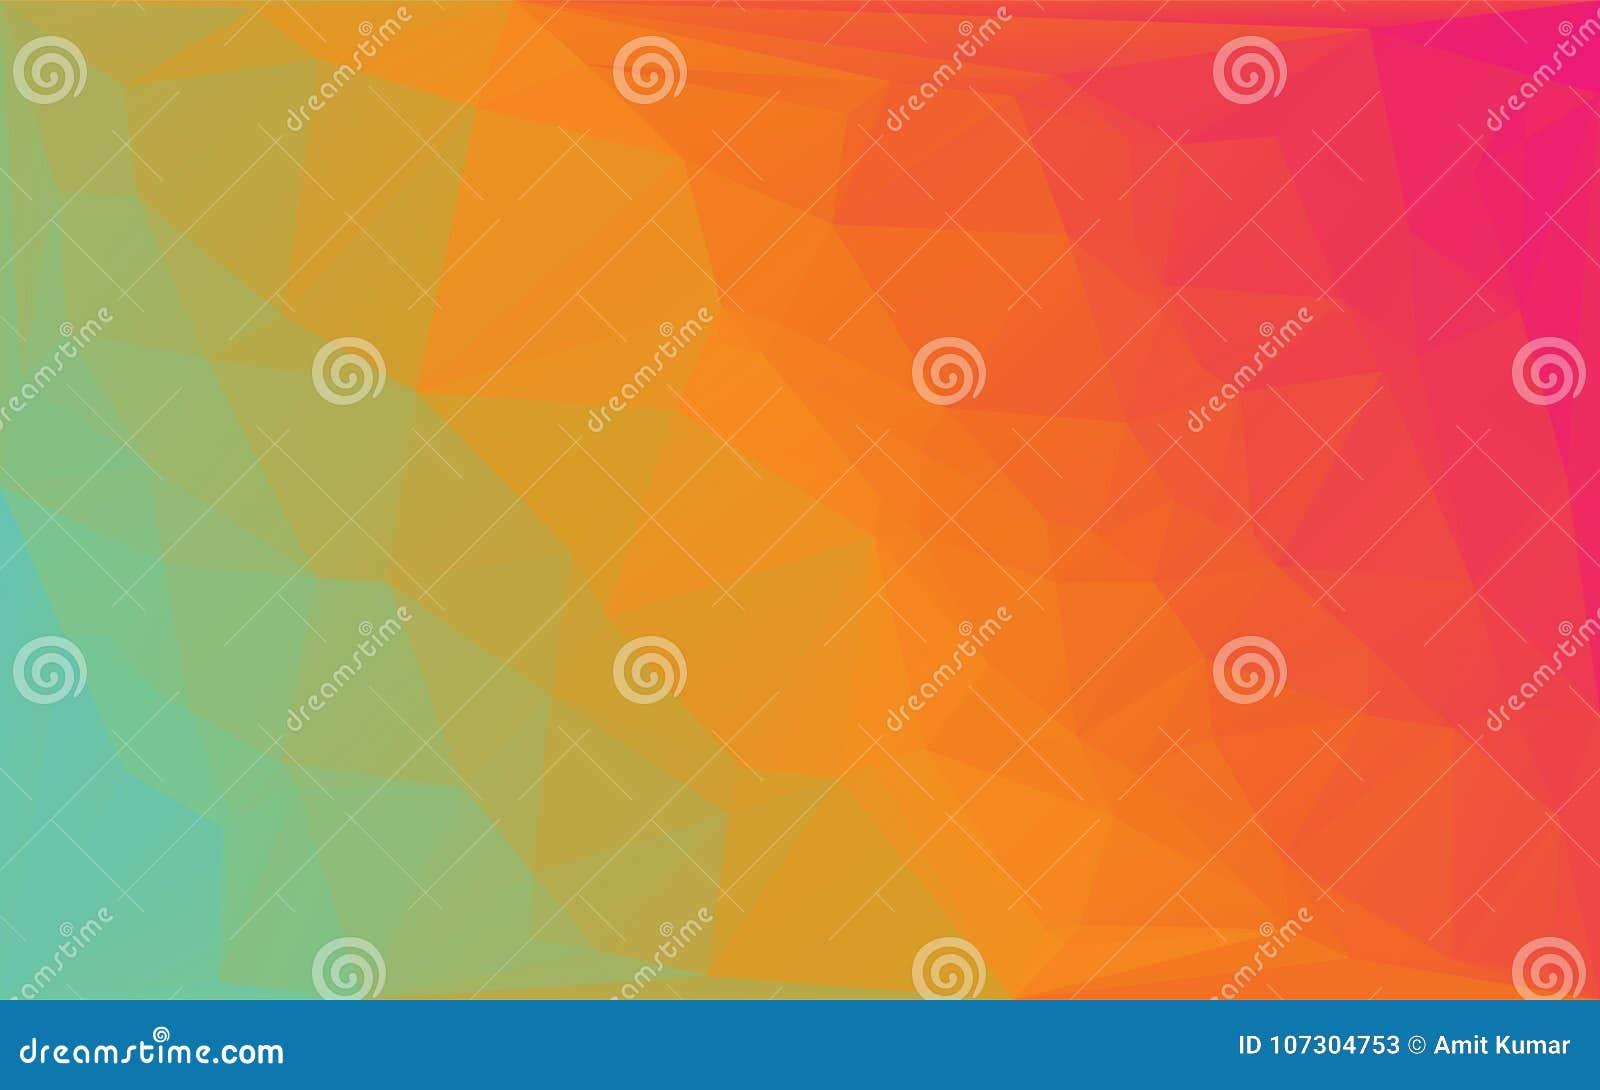 Fondo rotondo giallo arancione di vettore astratto del mosaico del poligono